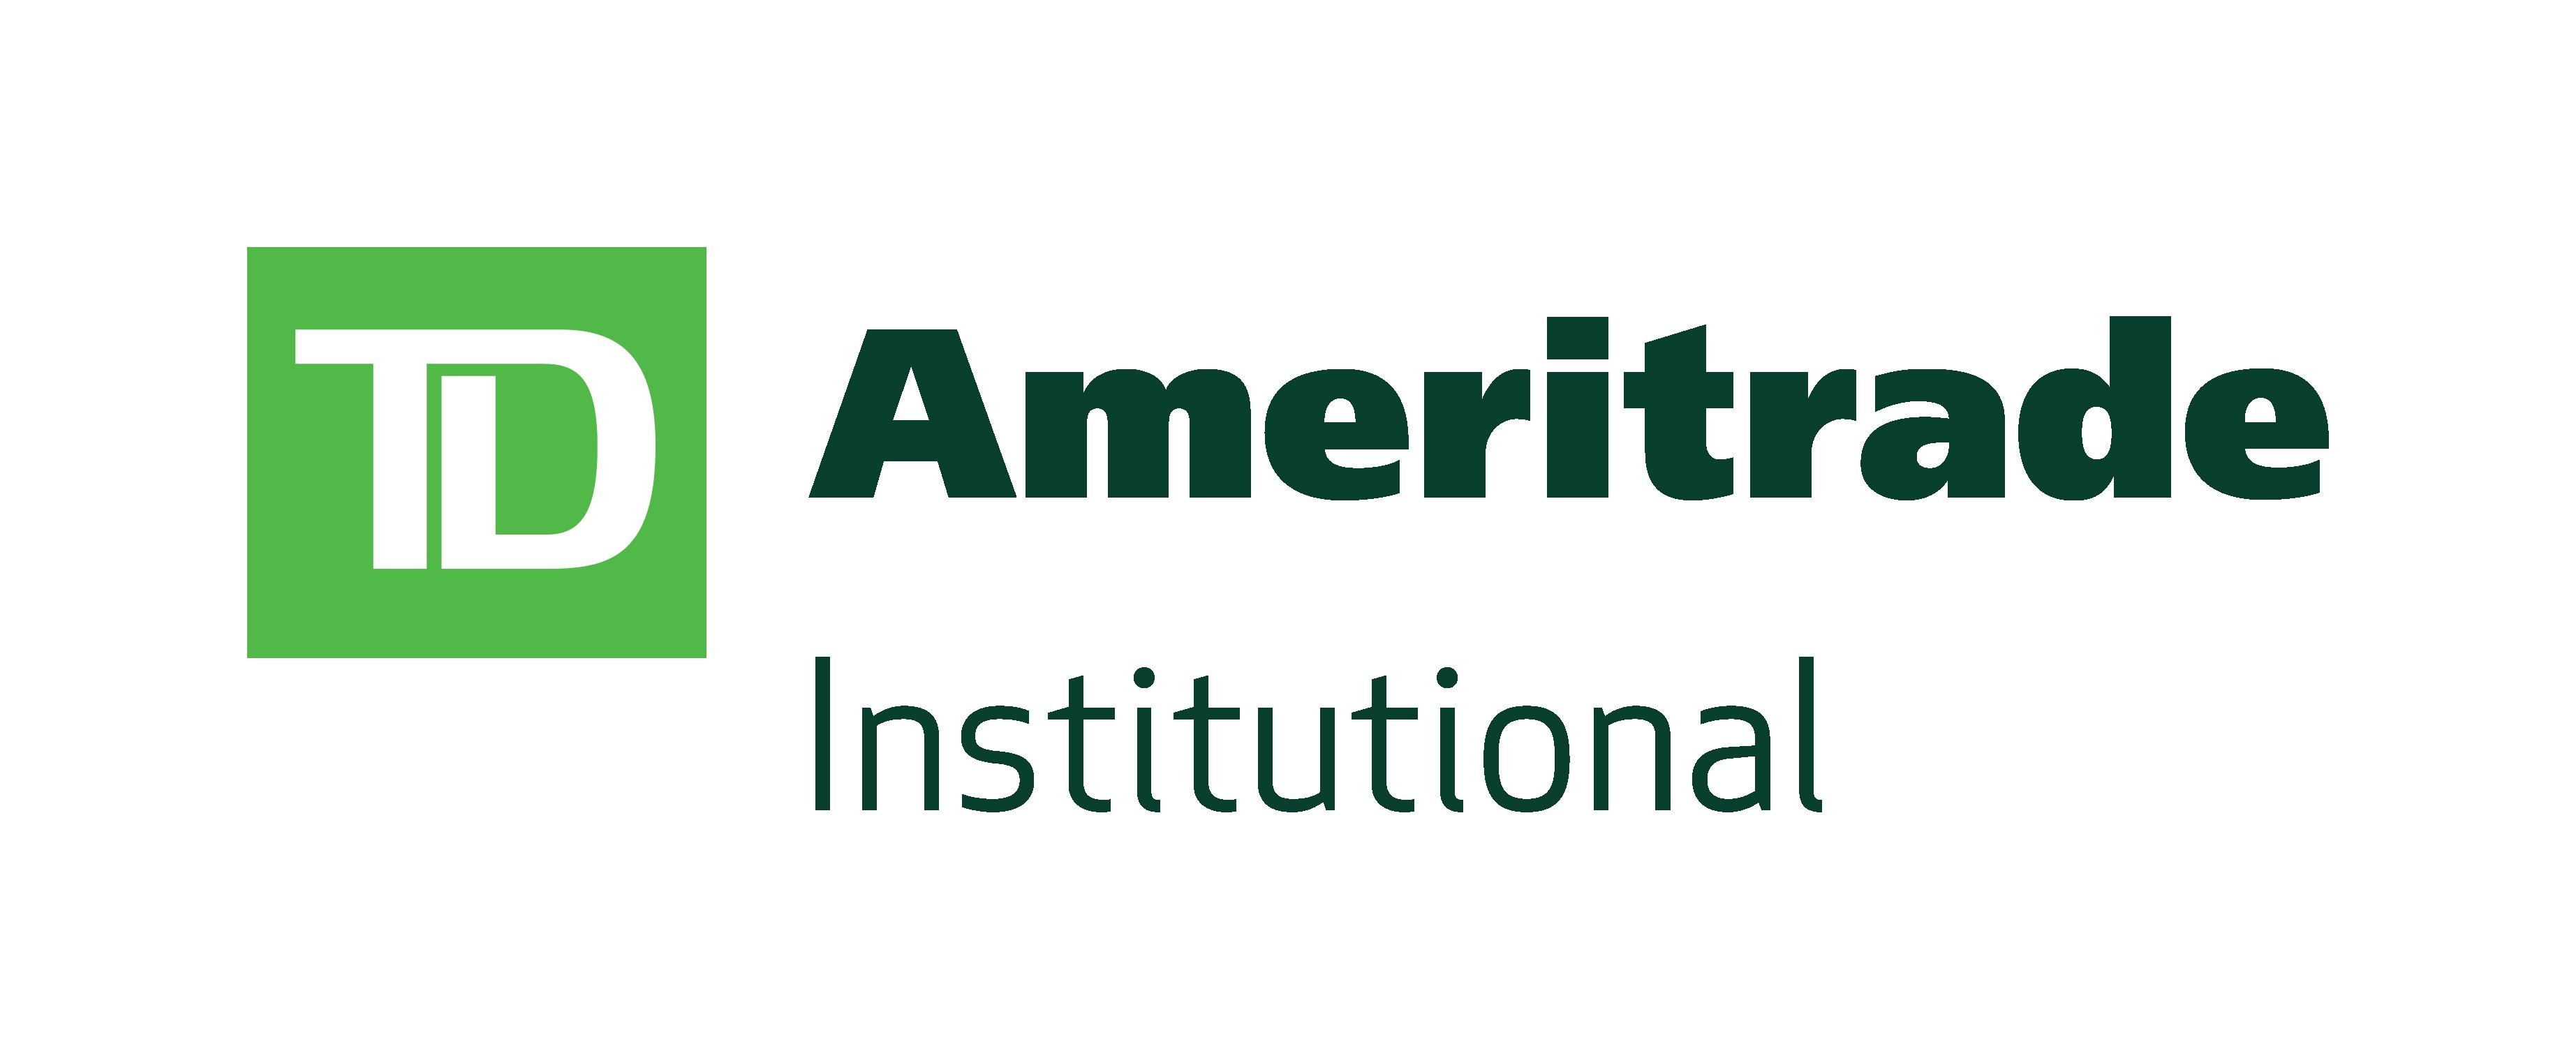 TDAmeritrade_Logo